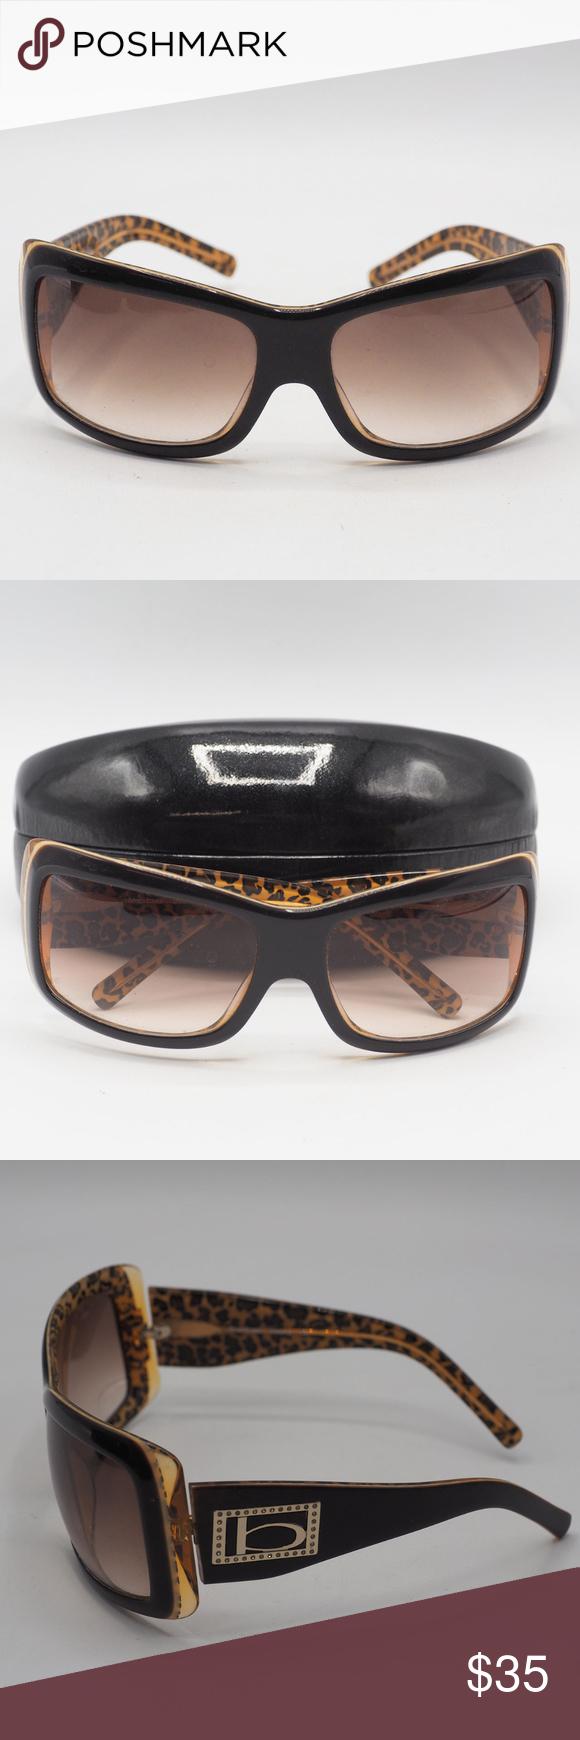 667e7e21c81 Bebe Sunglasses Tigress 61   16 135mm Bebe Sunglasses Tigress 61   16 135mm